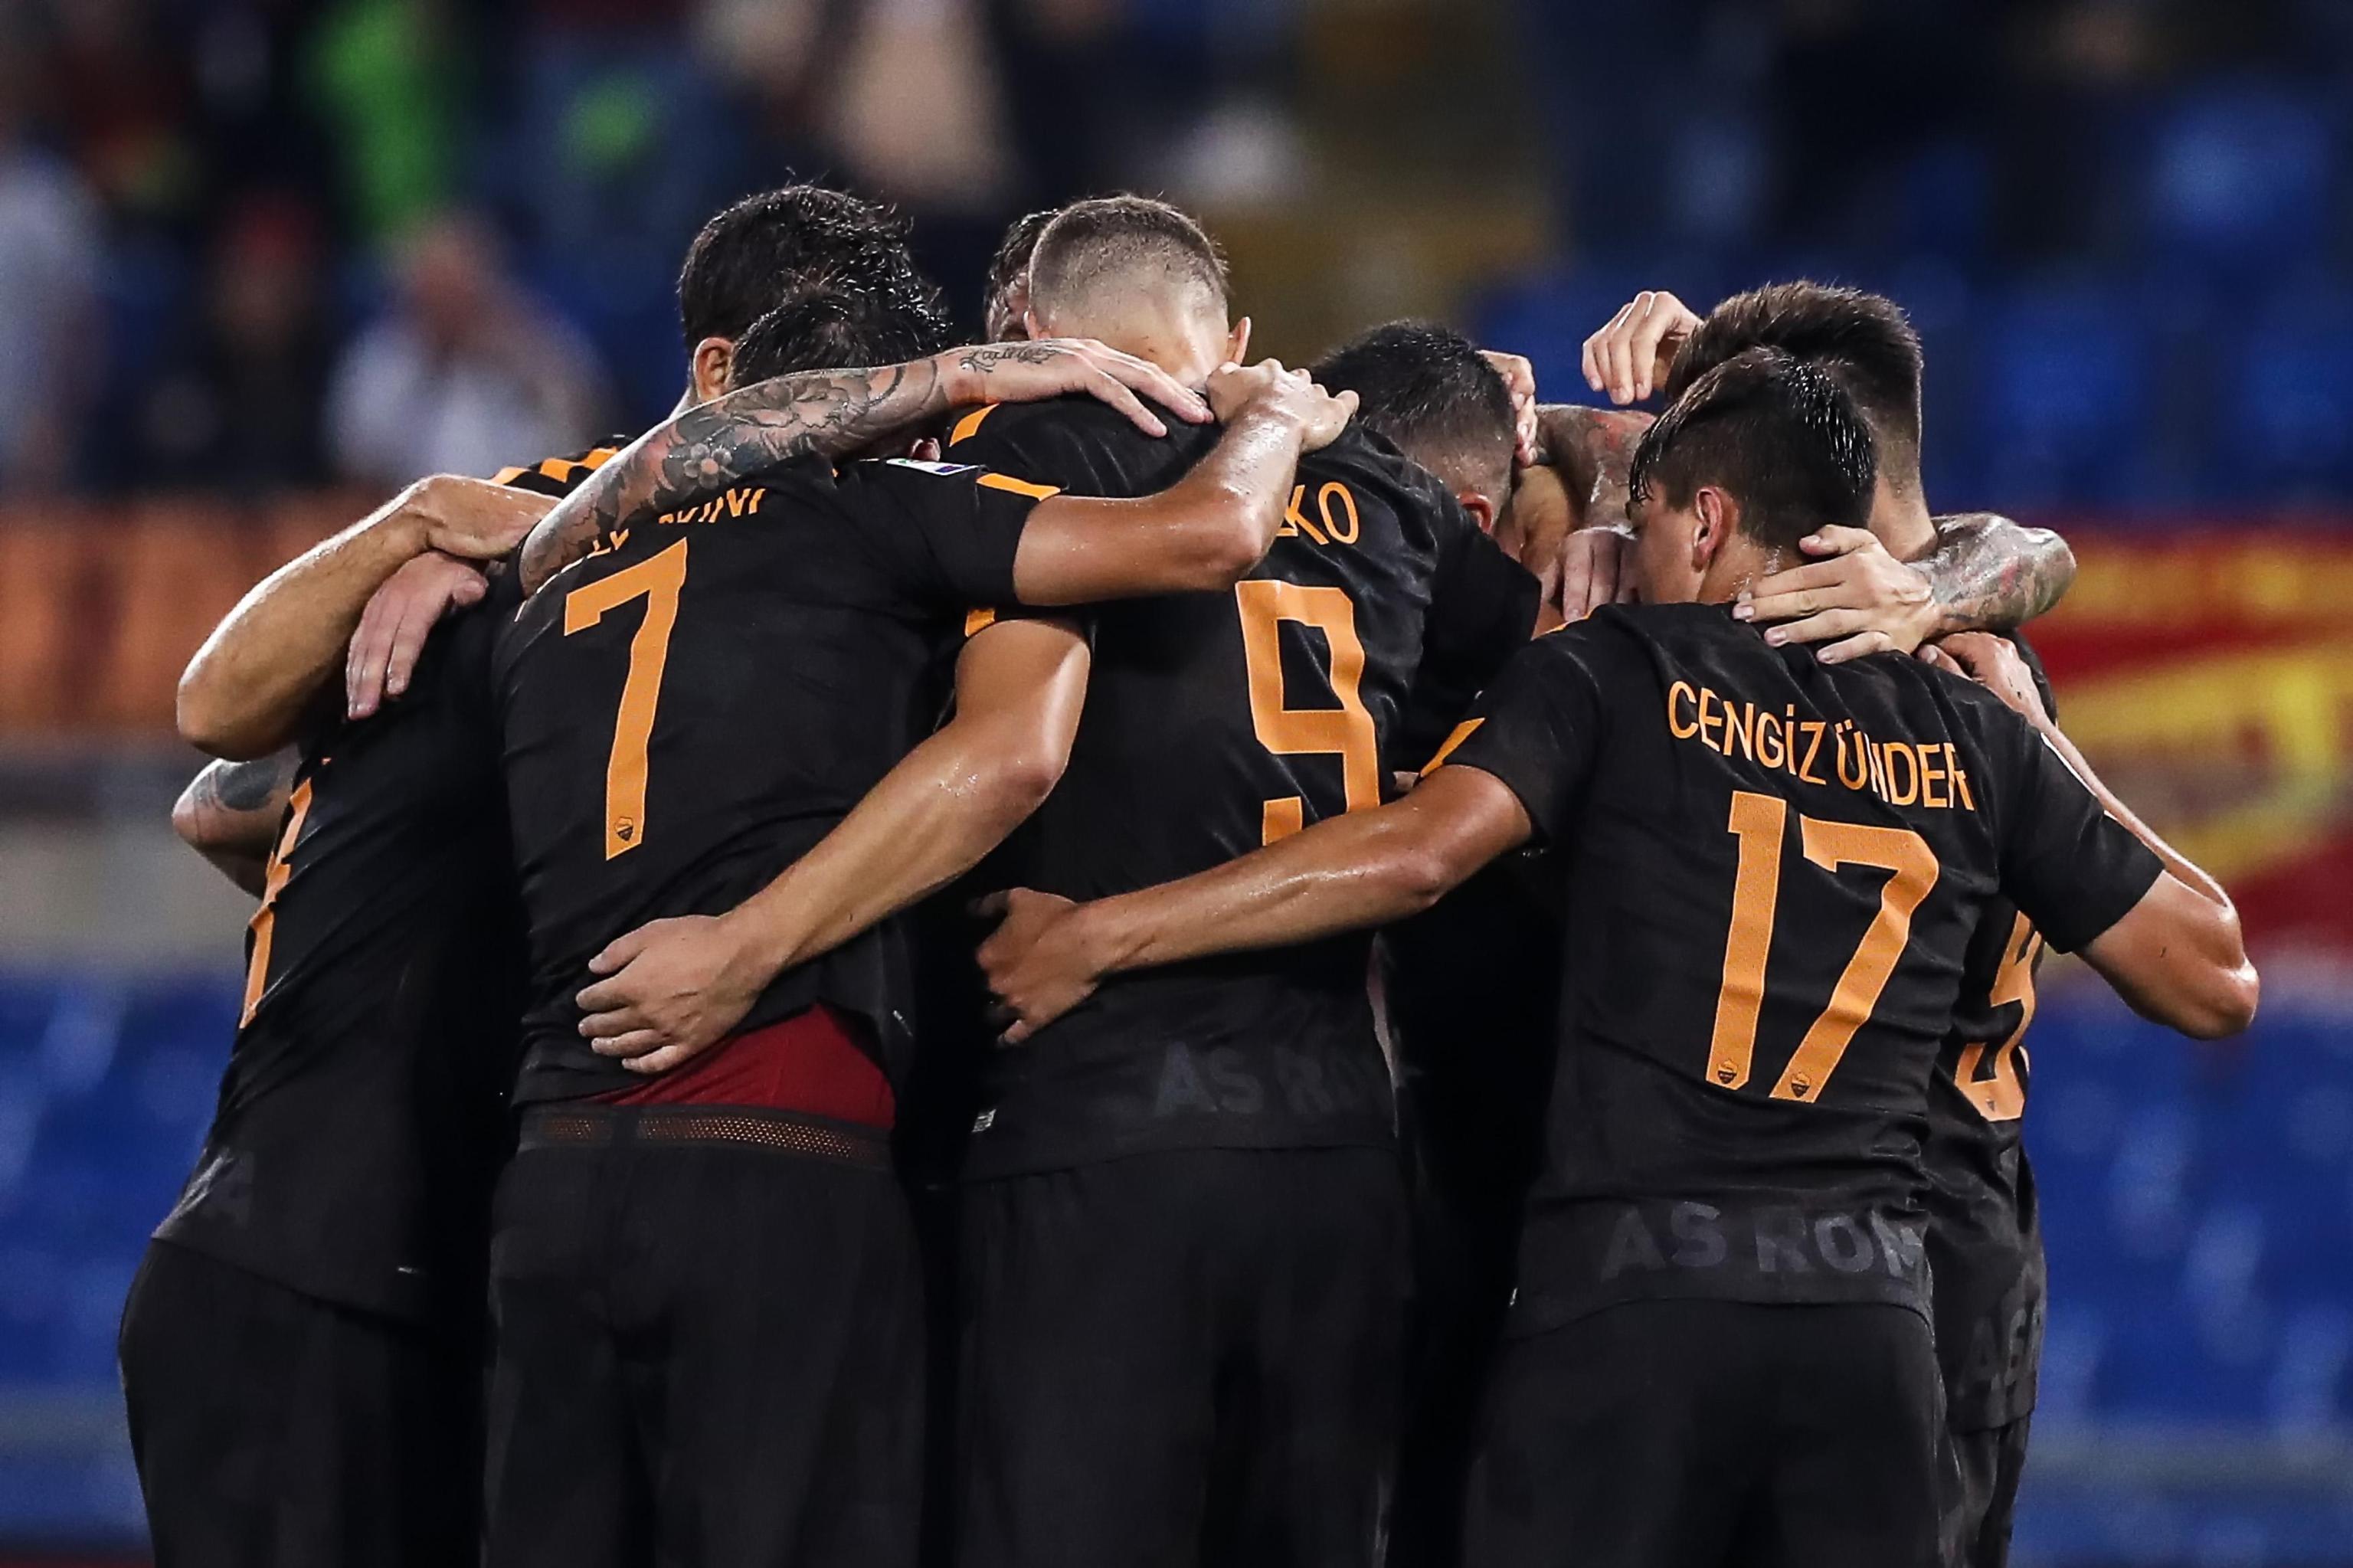 Serie A, Roma devastante: Verona ko. Dzeko è tornato a segnare